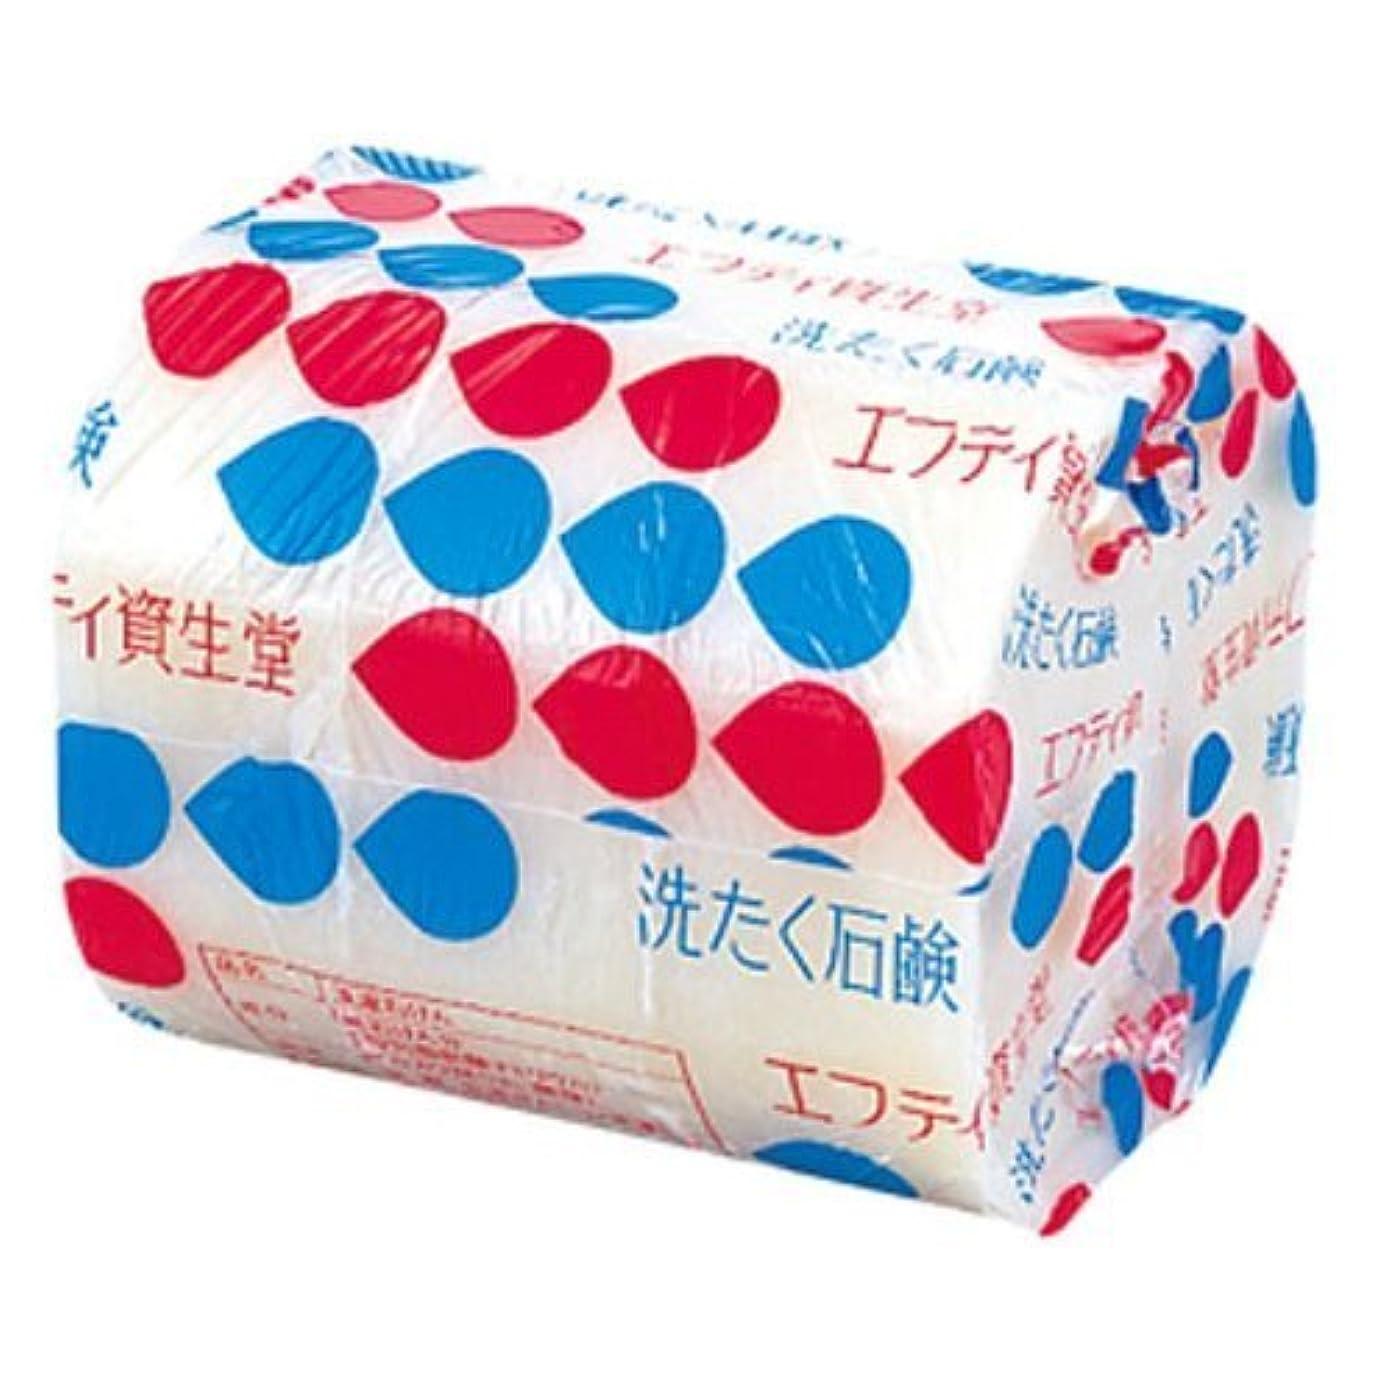 童謡シンプルな気難しい【資生堂】エフティ資生堂洗たく石鹸花椿型3コパック200g